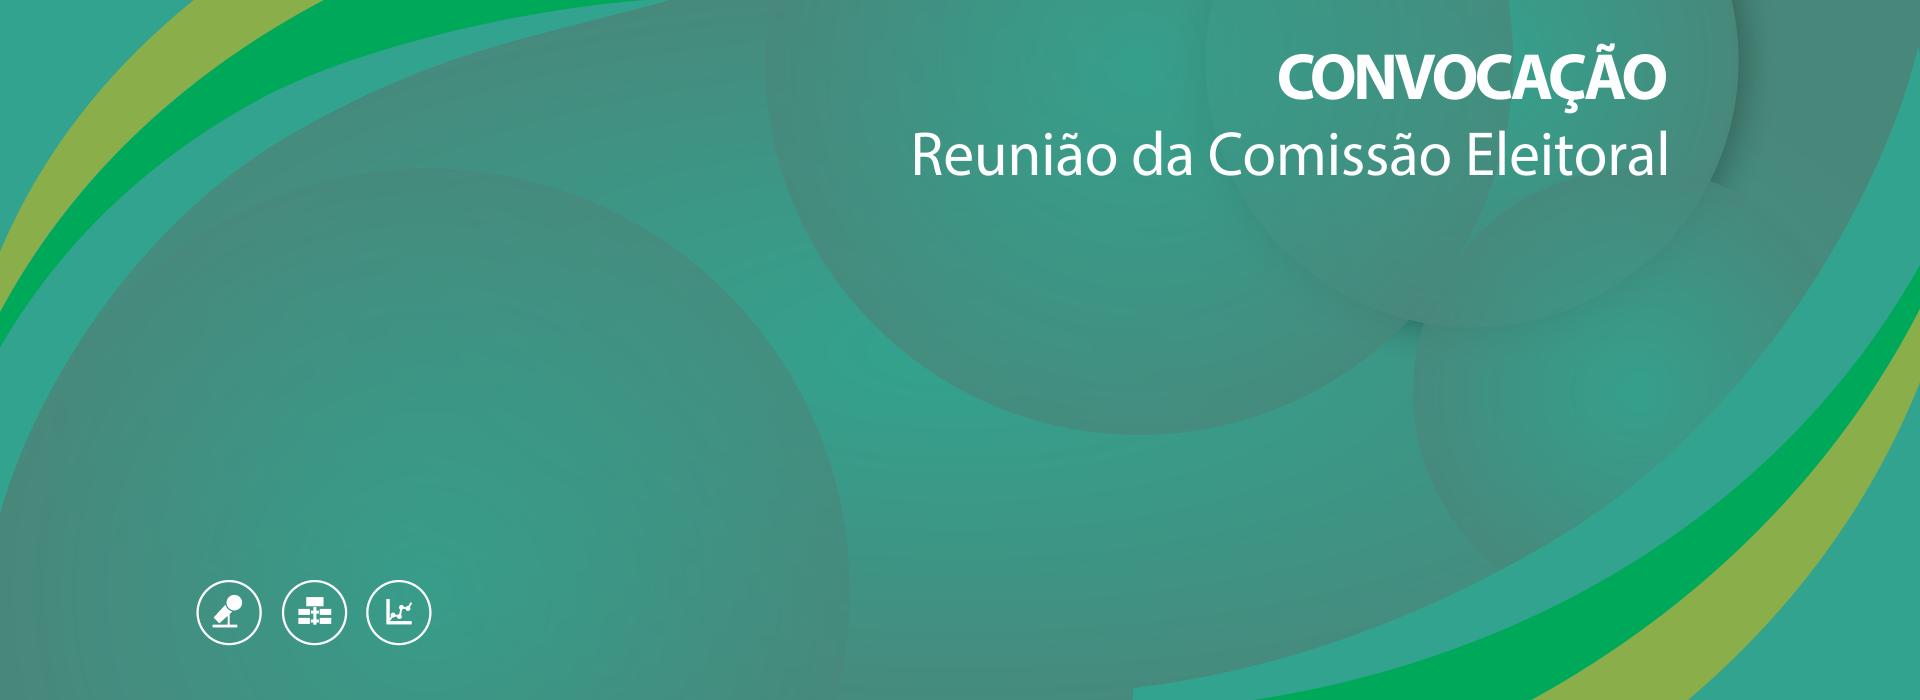 2ª Reunião da Comissão Eleitoral do CBH Paranaíba